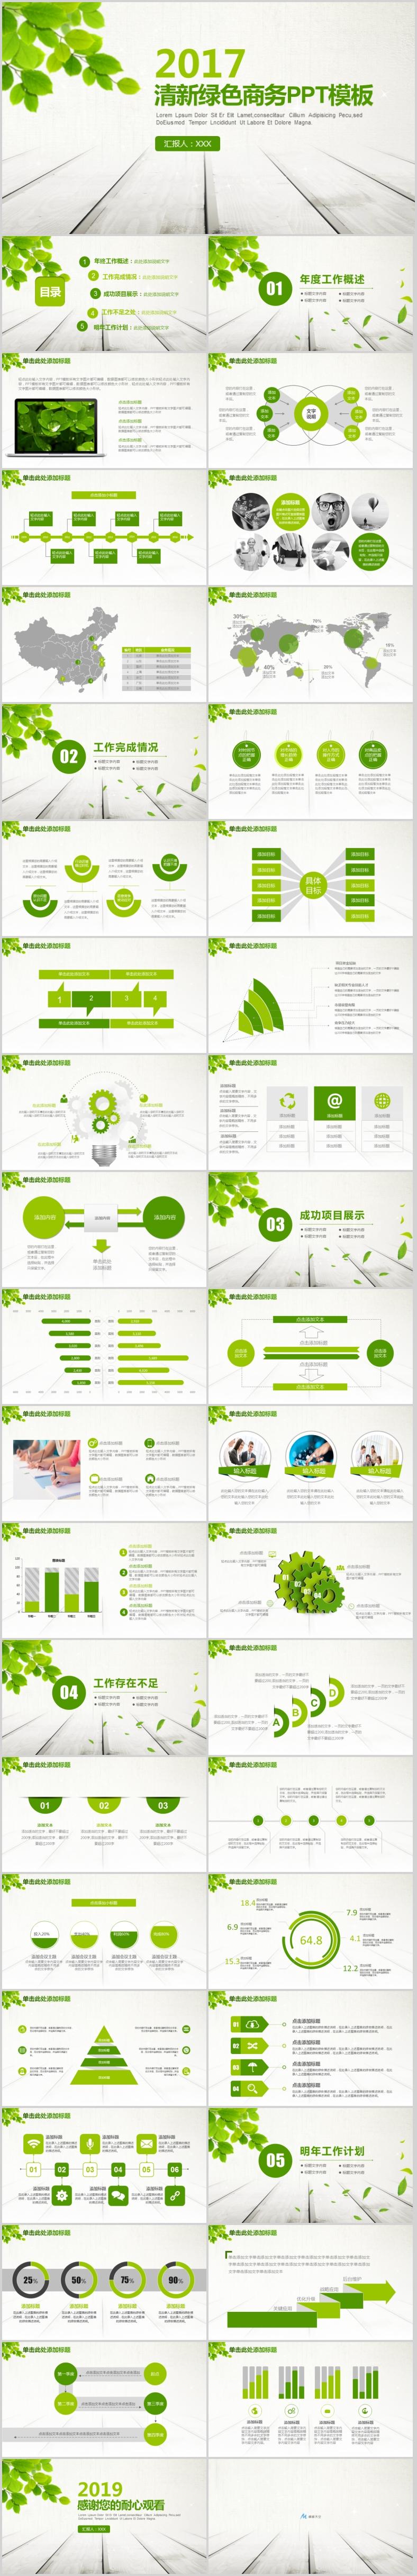 2018绿色清新的工作汇报商务项目介绍ppt模板